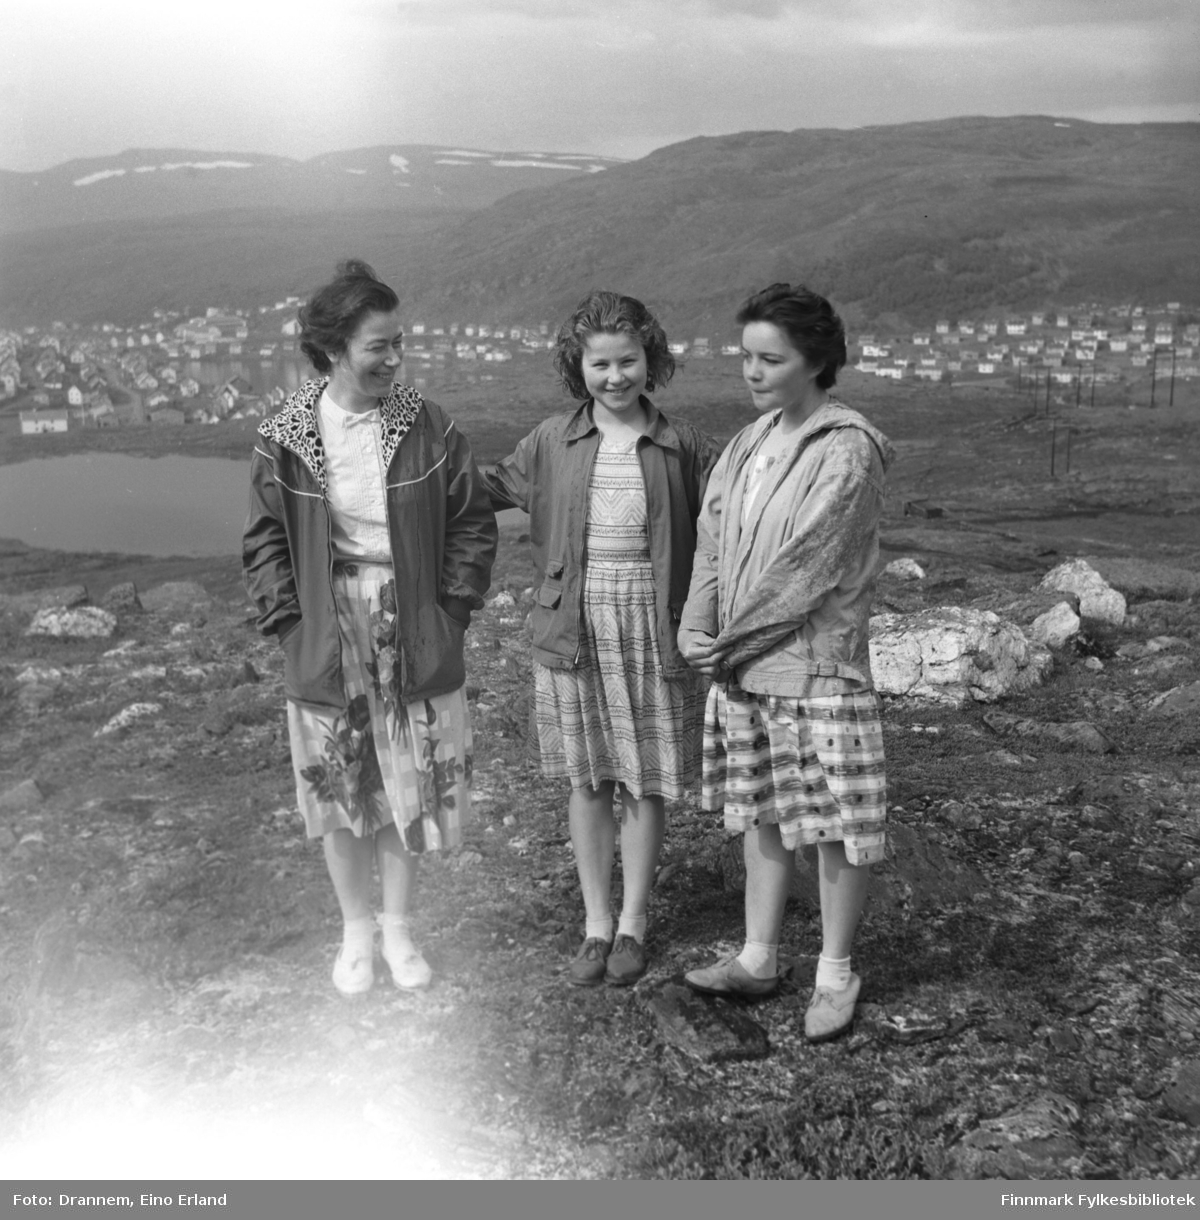 Jenny Drannem, Turid Karikoski og Maija, etternavn ukjent, på fjellet ovenfor Hammerfest.